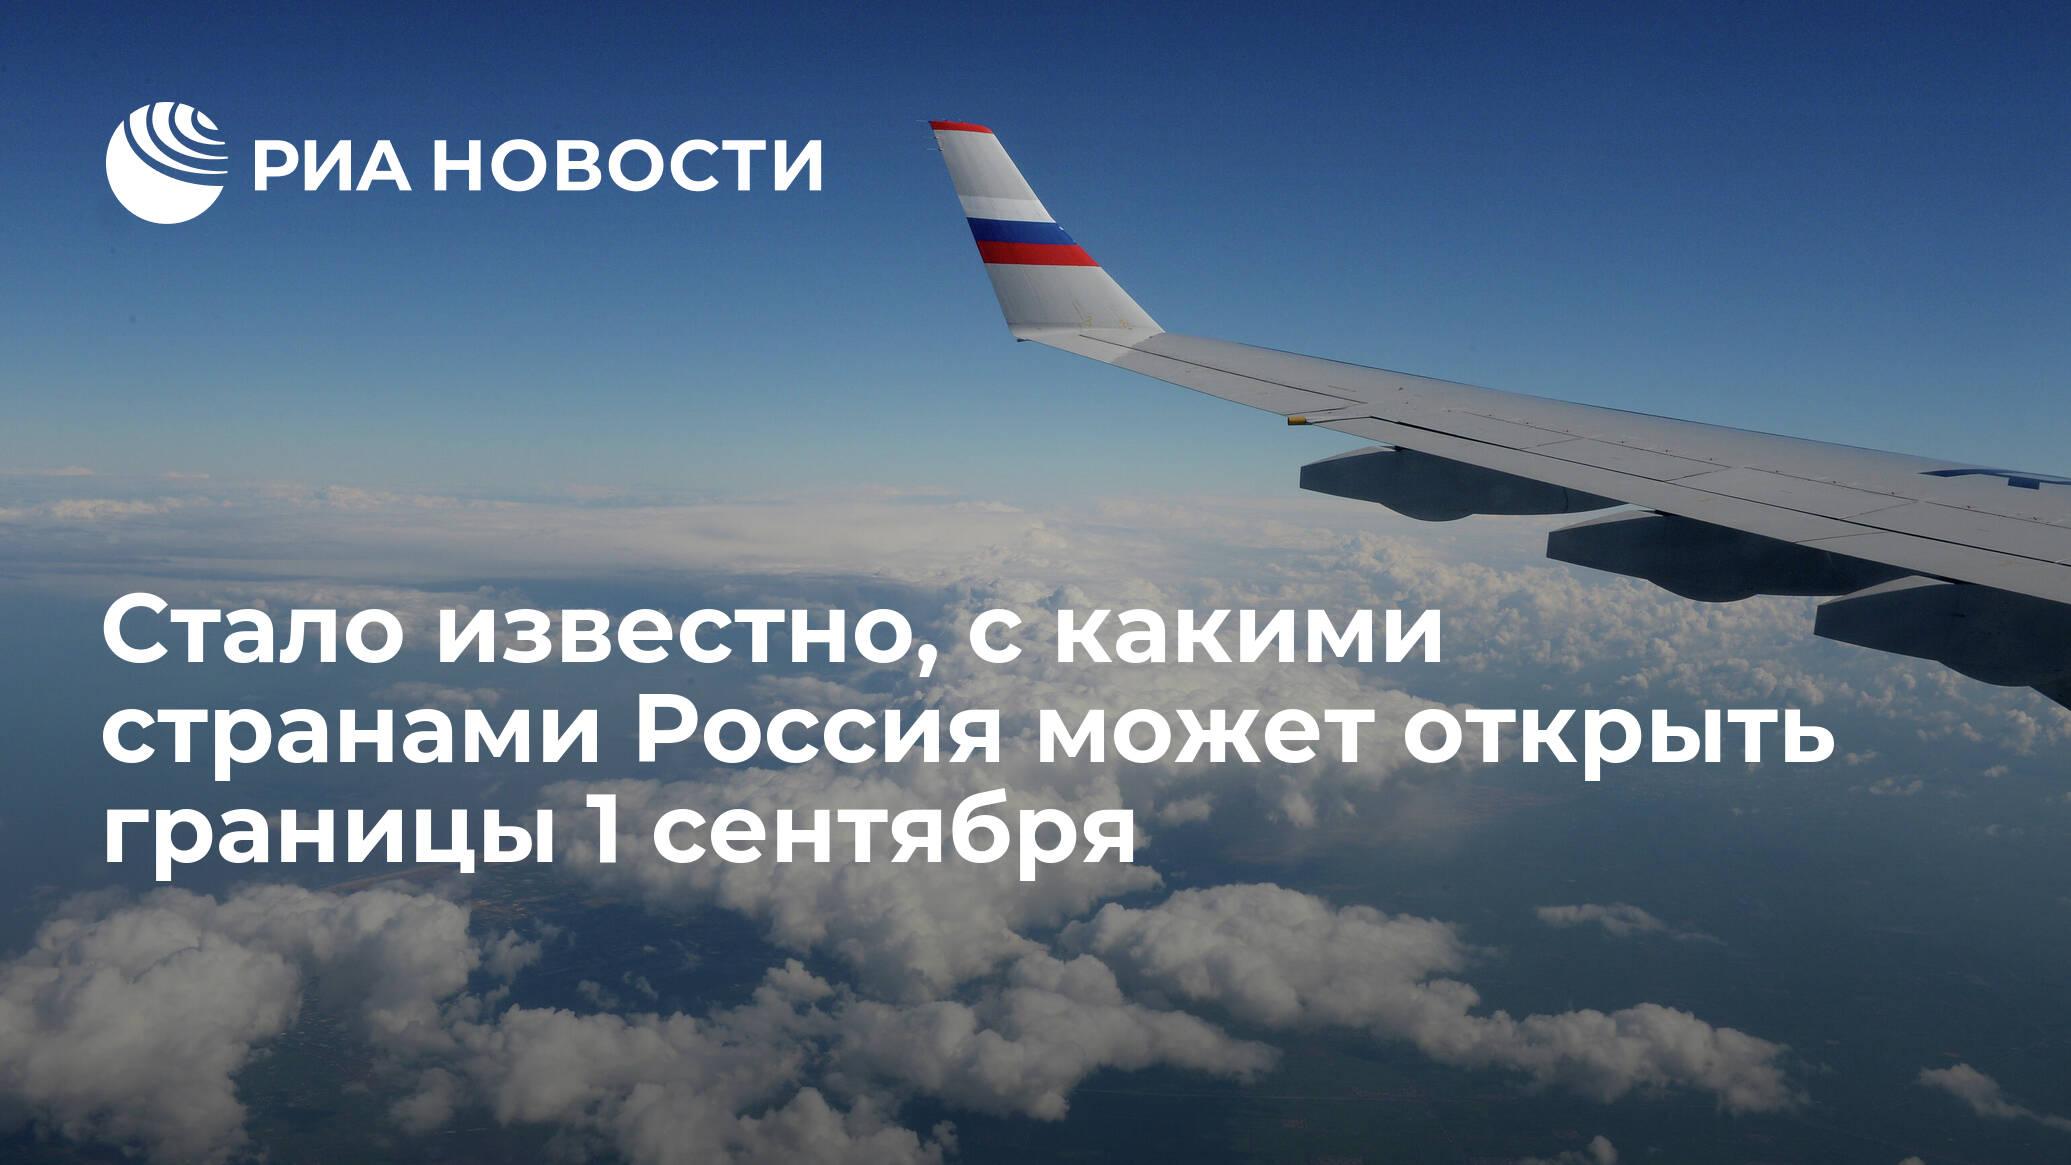 Стало известно, с какими странами Россия может открыть границы 1 сентября